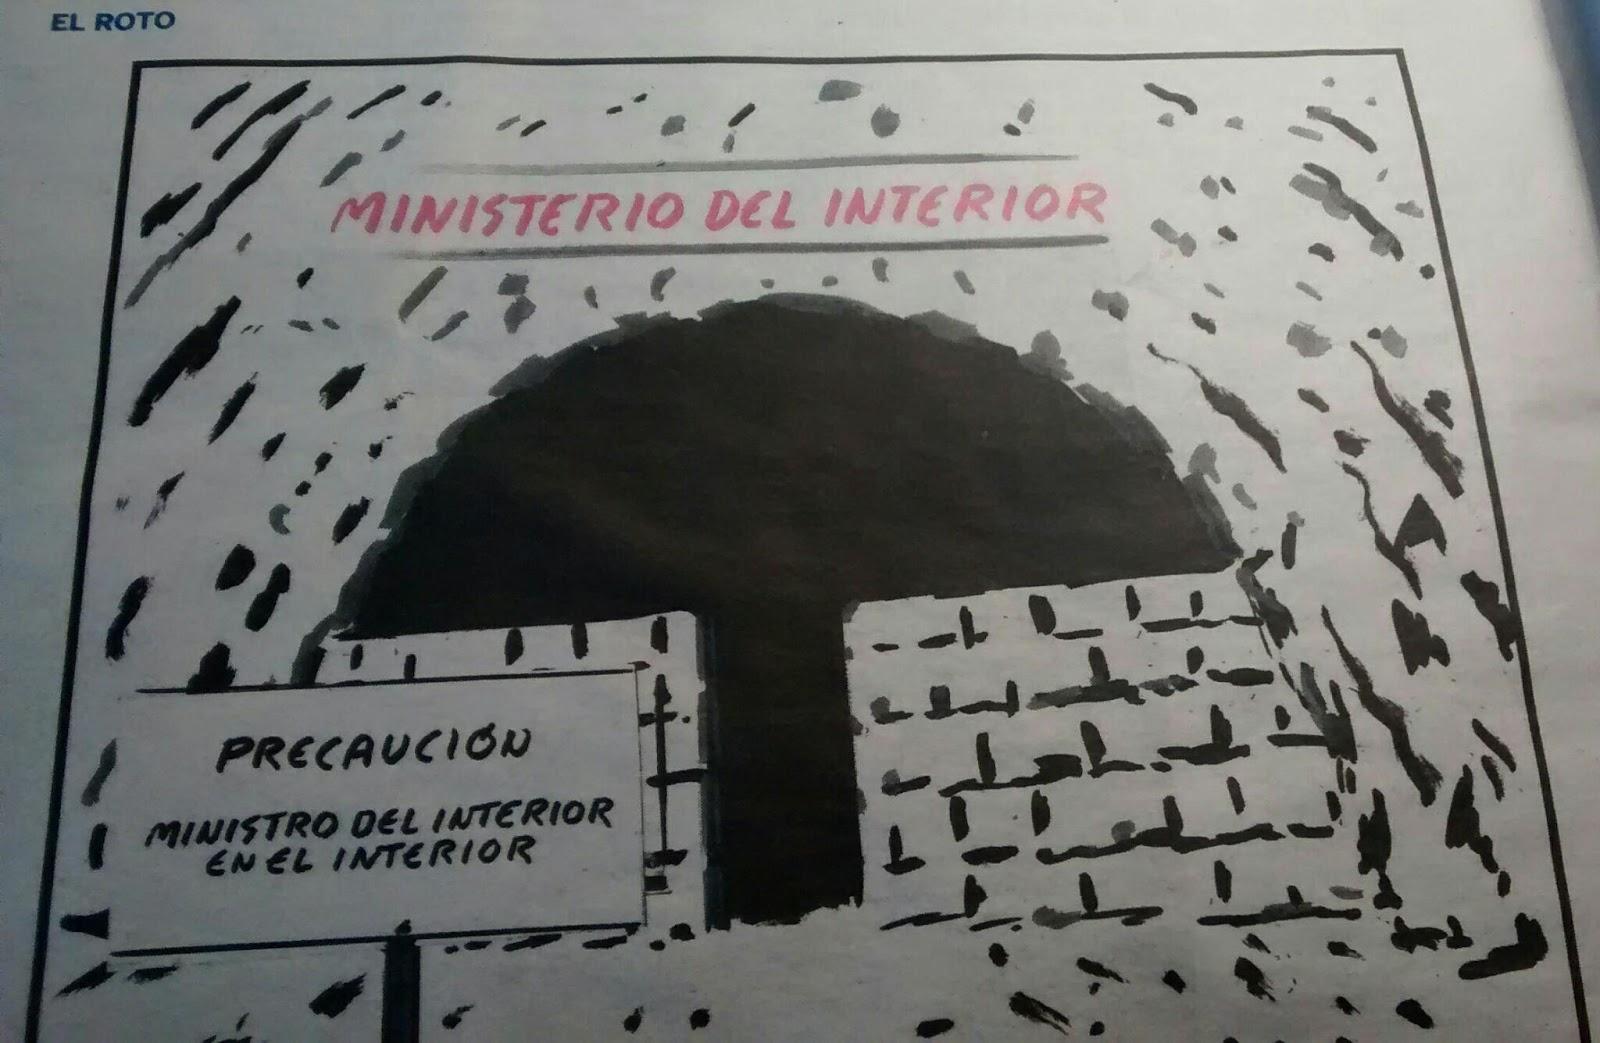 Todo es casi posible ministerio del interior de espa a for Ministerio del interior spain